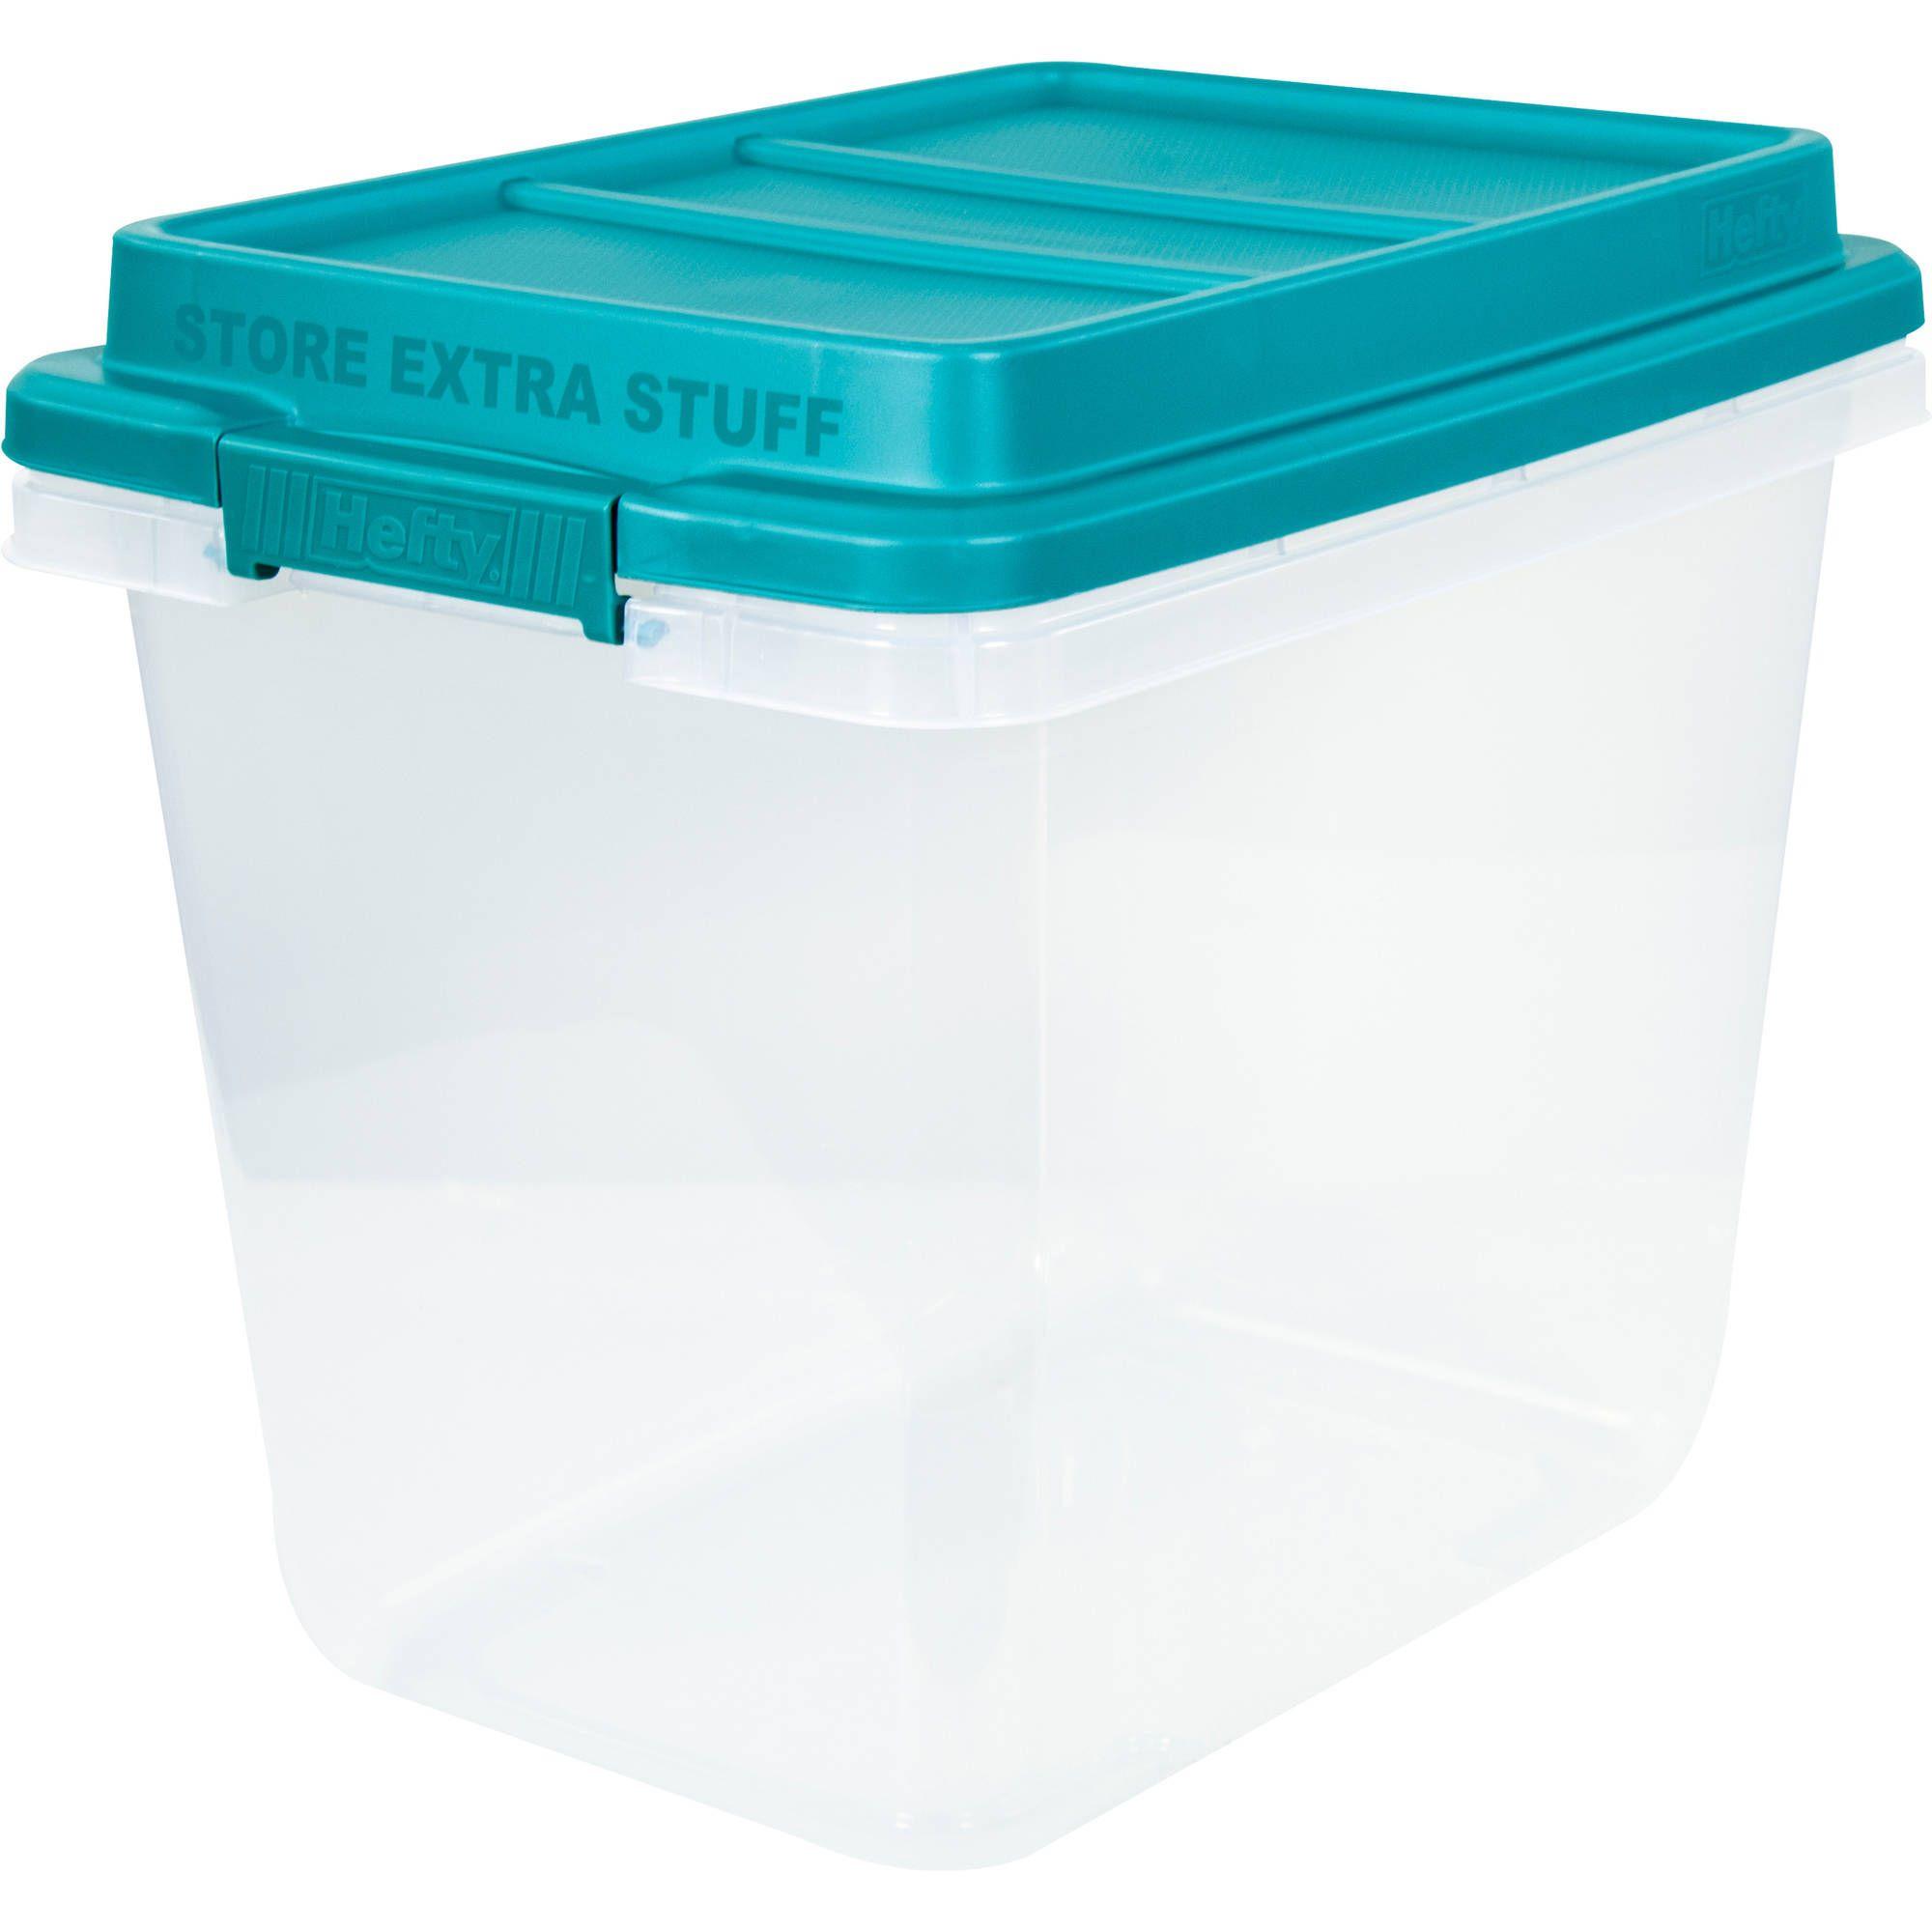 Hefty 32 Qt Hi Rise Clear Latch Box Teal Sachet Lid and Handles